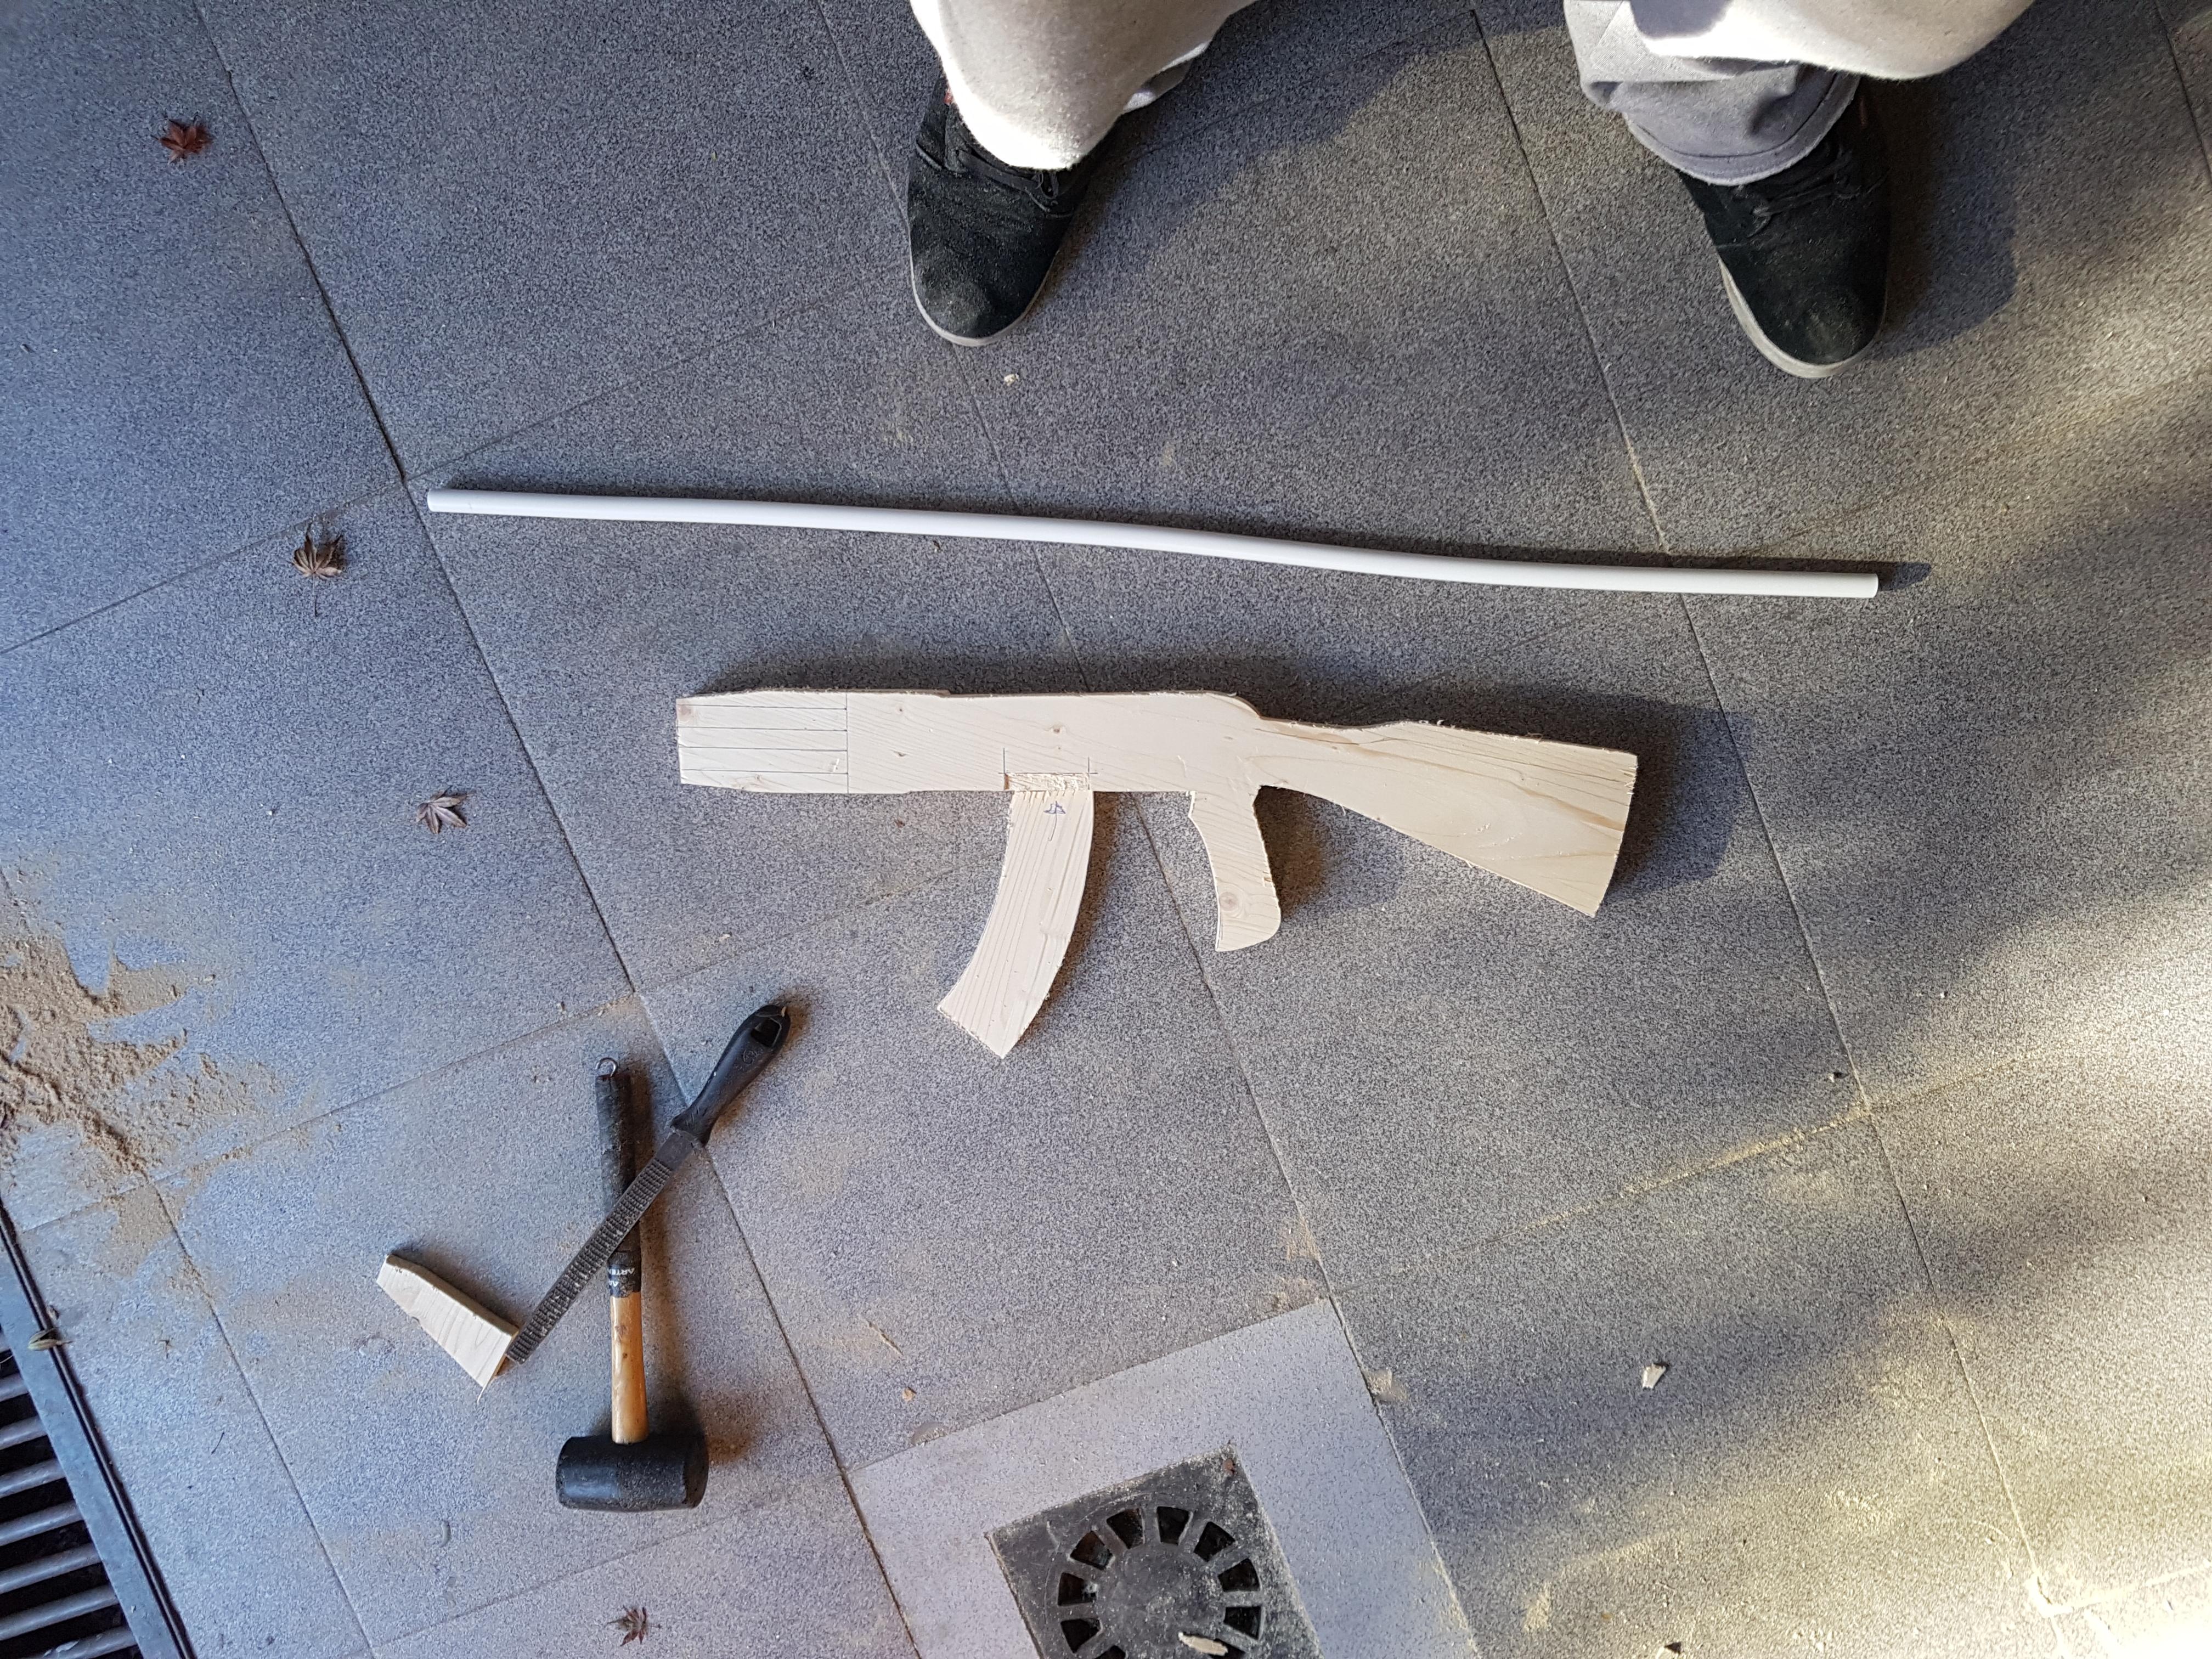 Estoy Haciendo Un Ak 47 De Madera Fotos Insaid Forocoches # Muebles Lijados